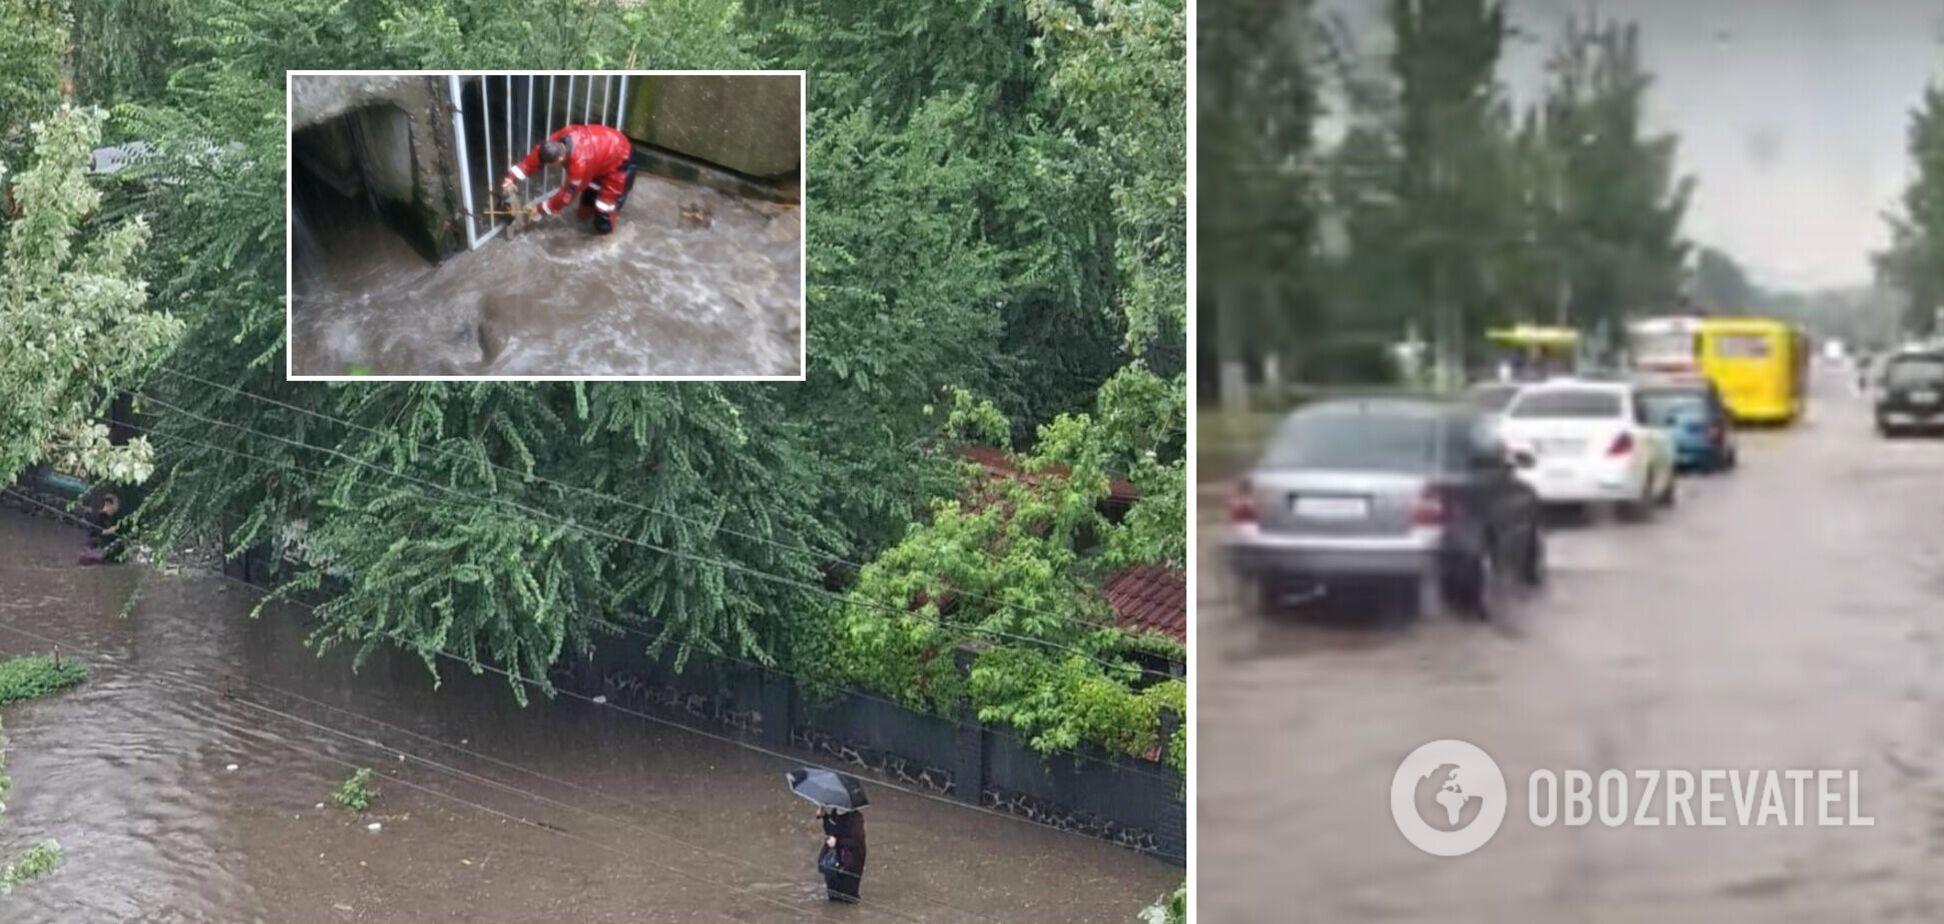 Мариуполь затопило после мощного ливня, улицы превратились в реки. Фото и видео